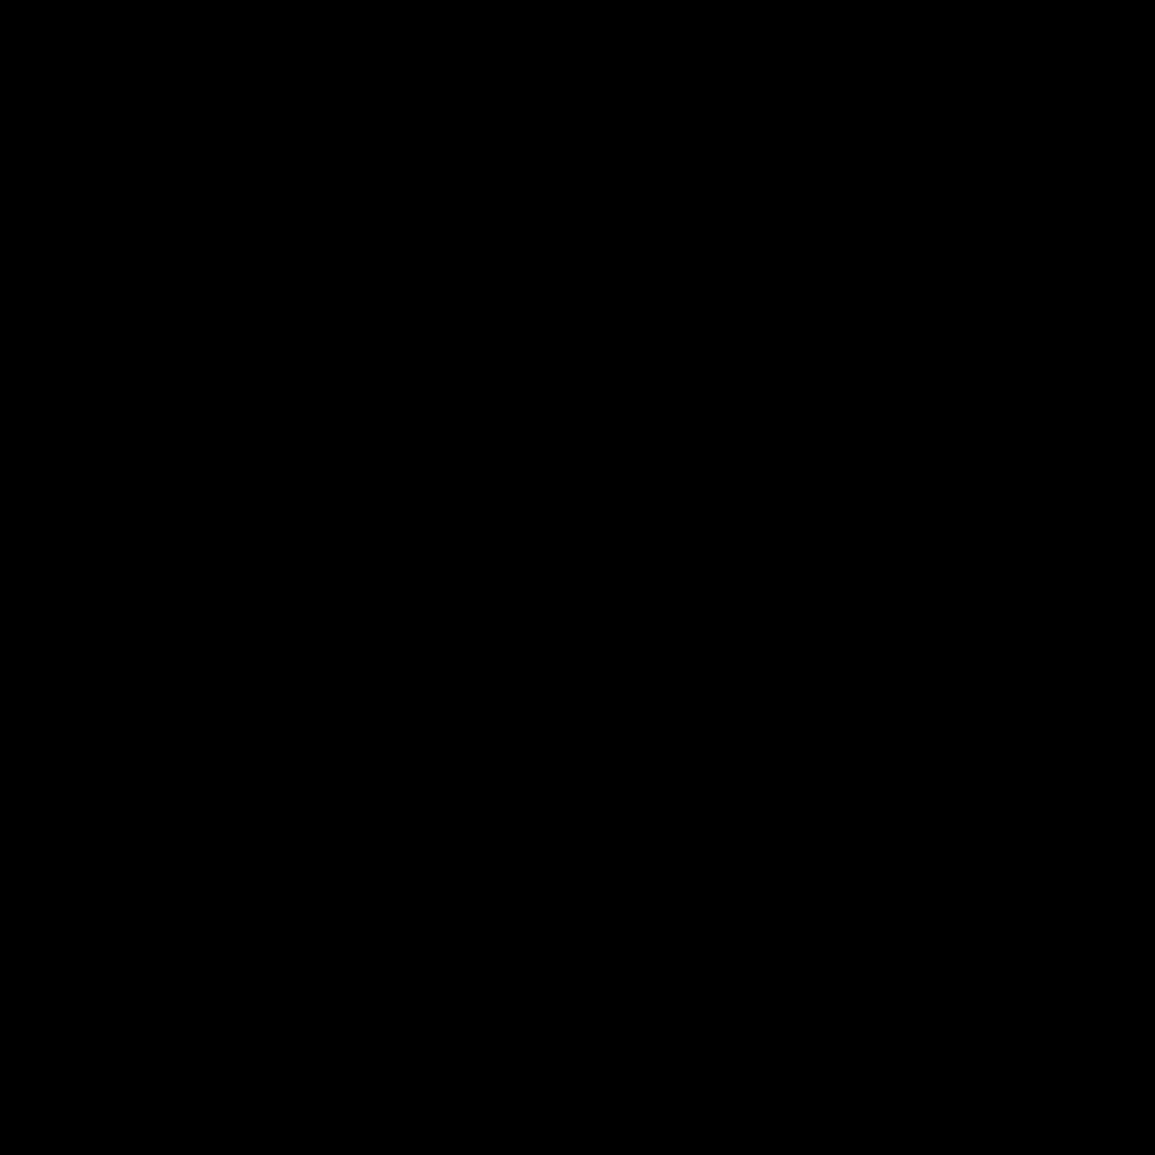 本蘭ゴシック M MHGA 字形見本